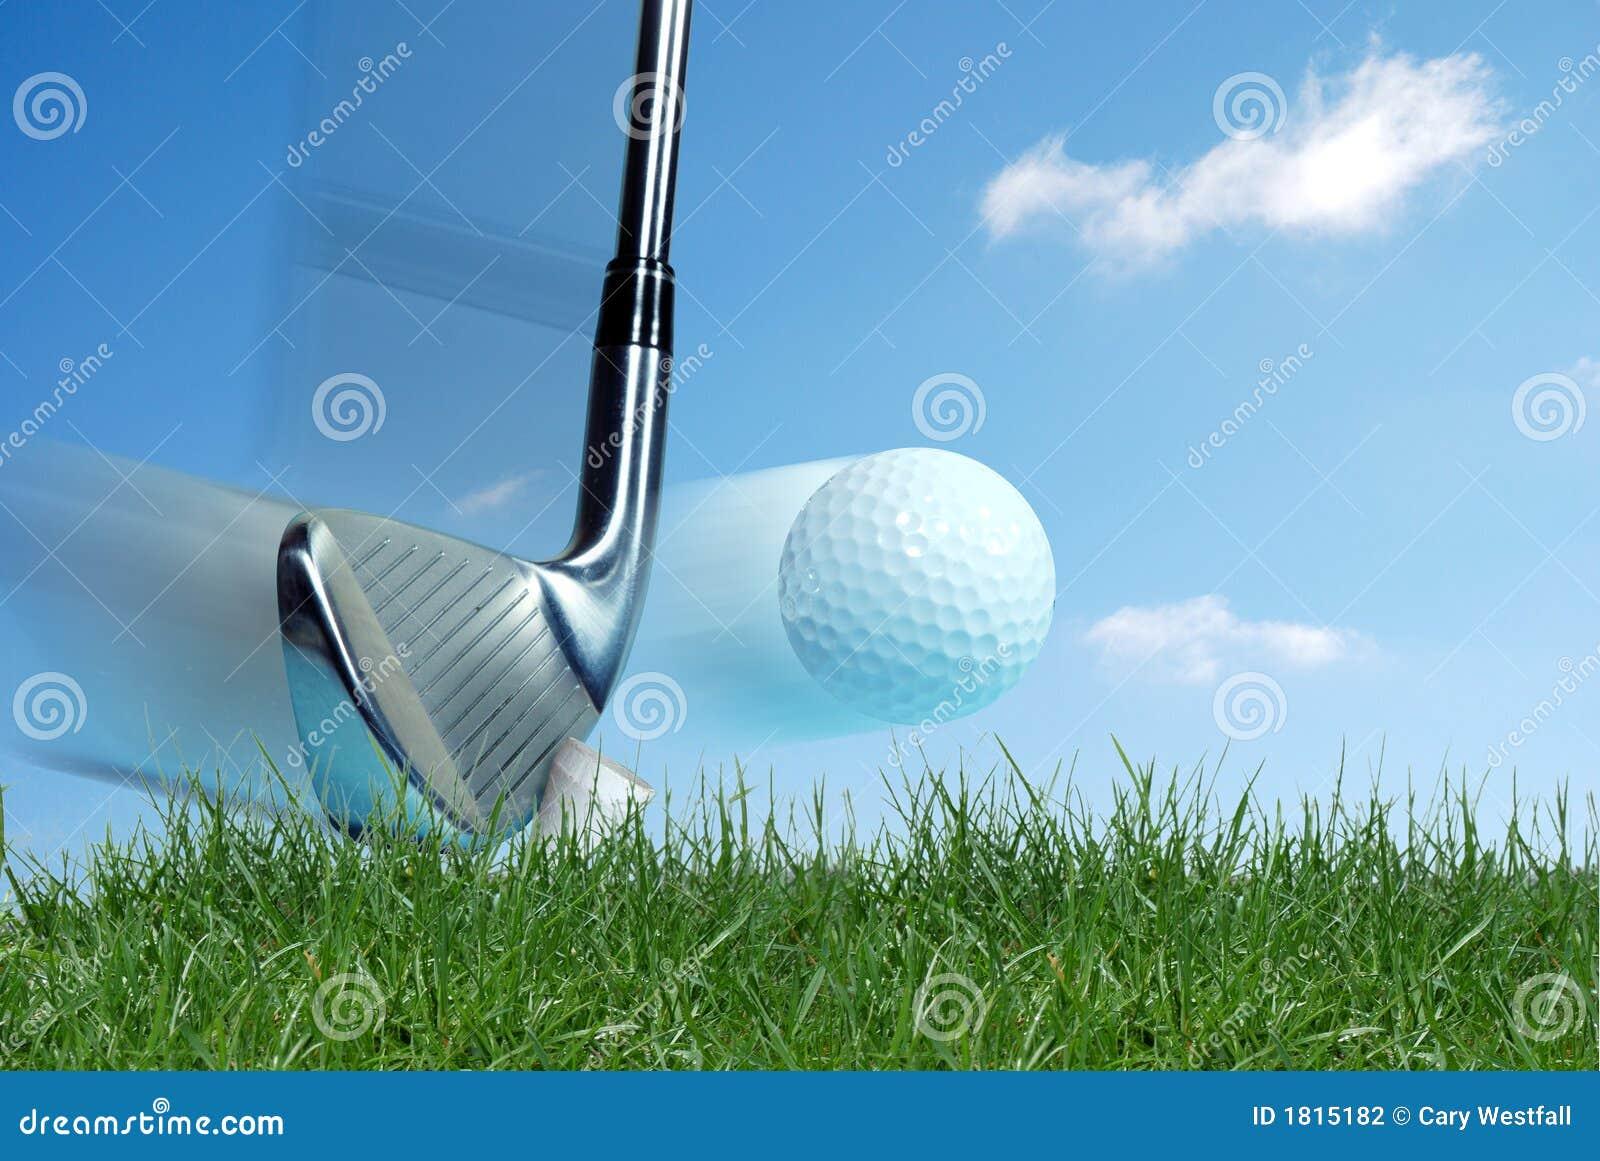 Club de golf que golpea la bola